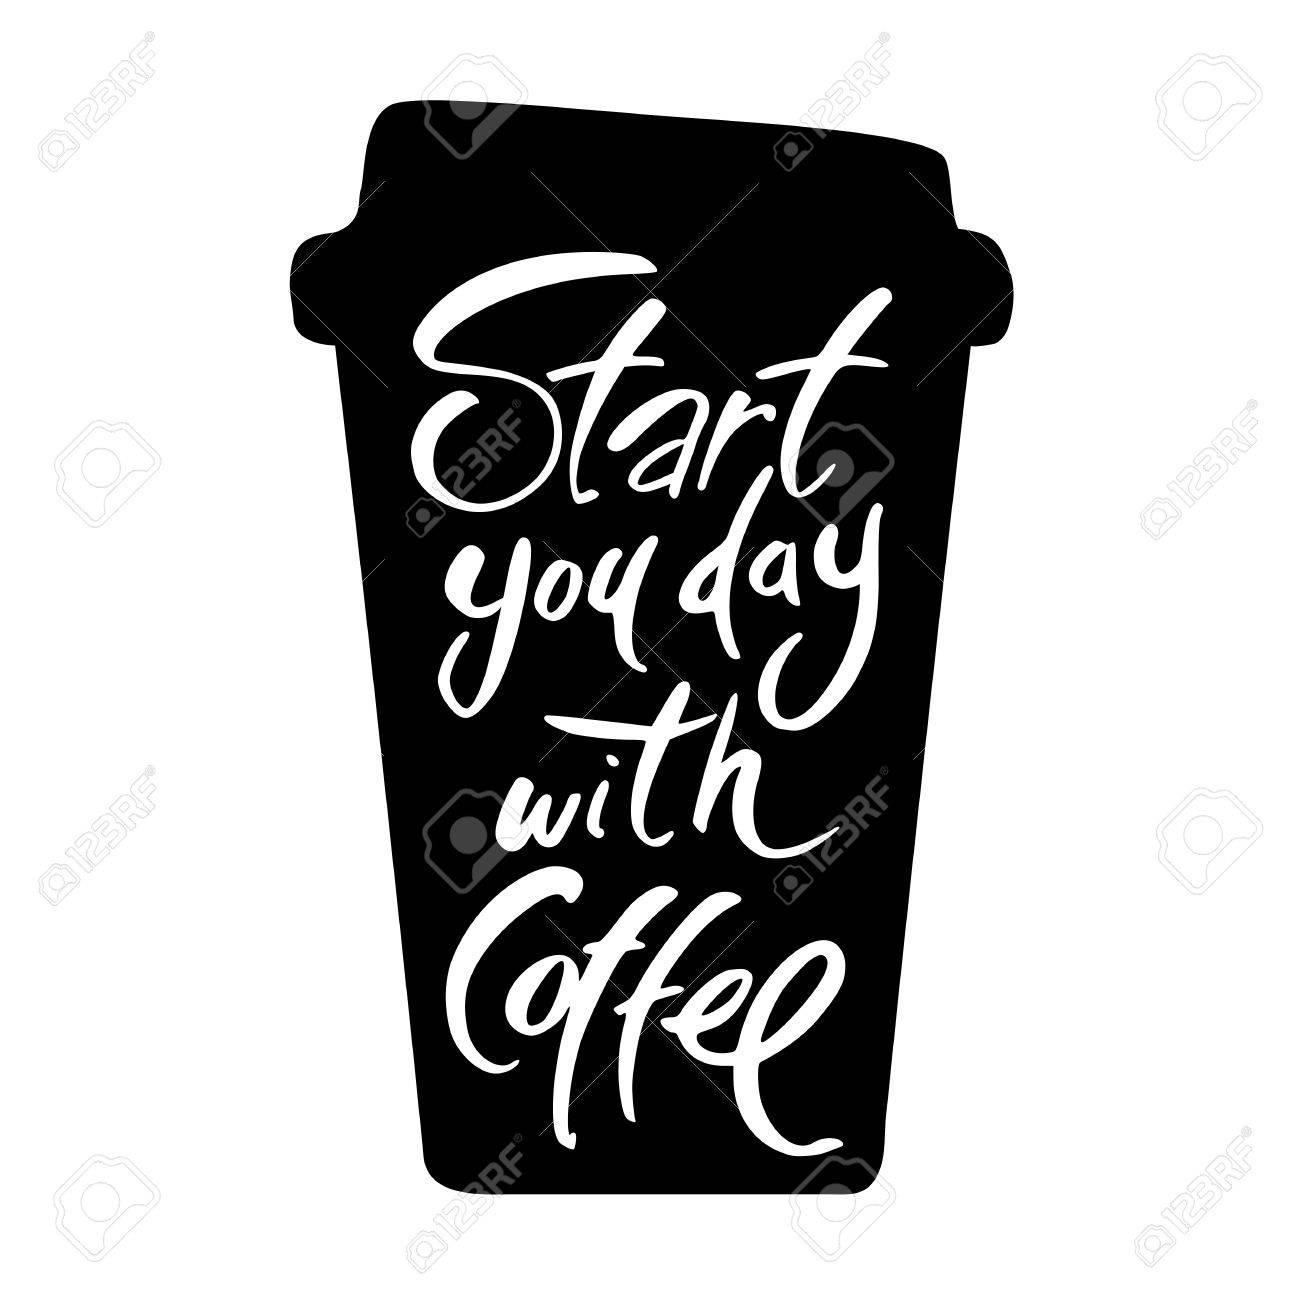 Disegno Nero Su Bianco.Iniziate La Giornata Con Caffe Lettering Caffe Citazioni Mano Disegno Scritto Vettore Isolato Tipografia Nero Su Bianco Manifesto Citazione